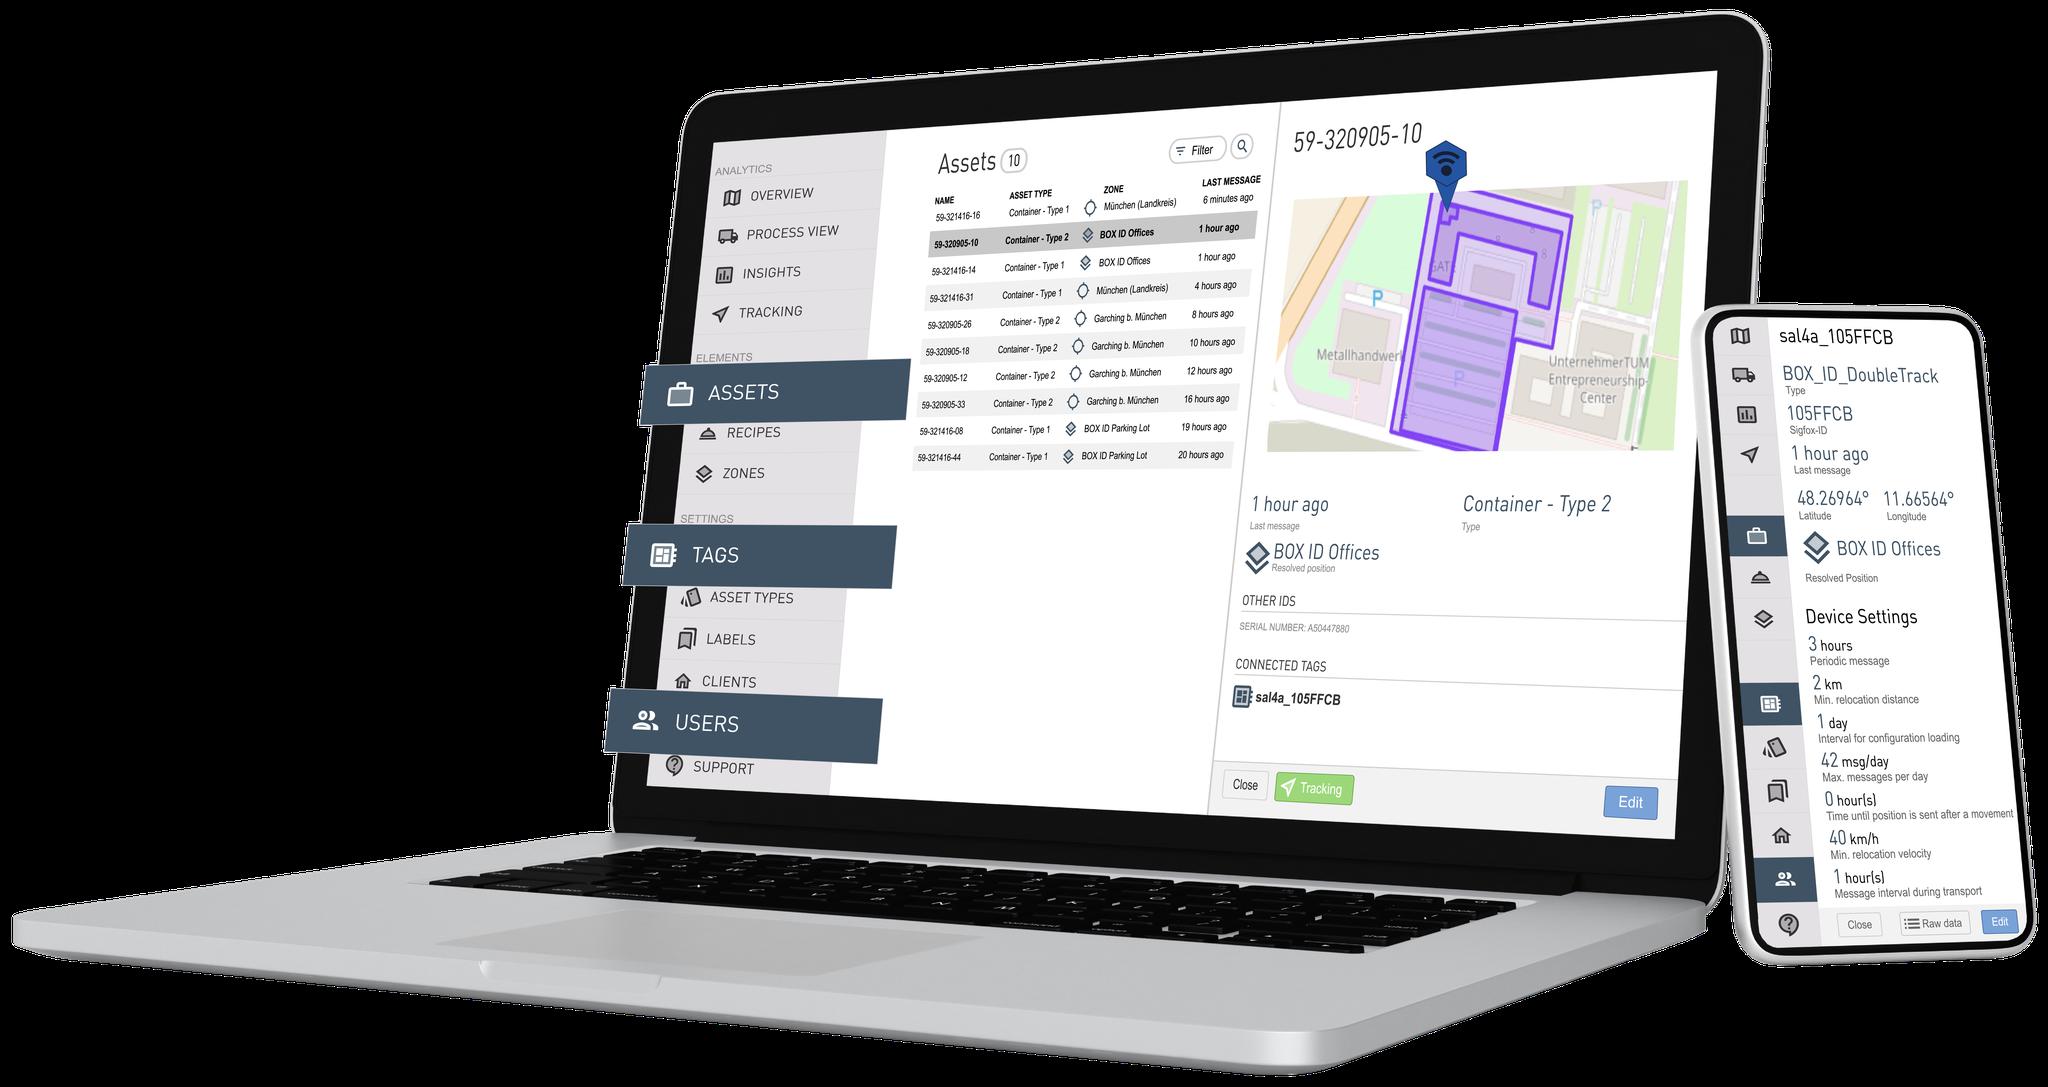 Administrator-Tools: Globale Verwaltung von Asset-Daten, Tag-Einstellungen und Systemnutzer-Einstellungen